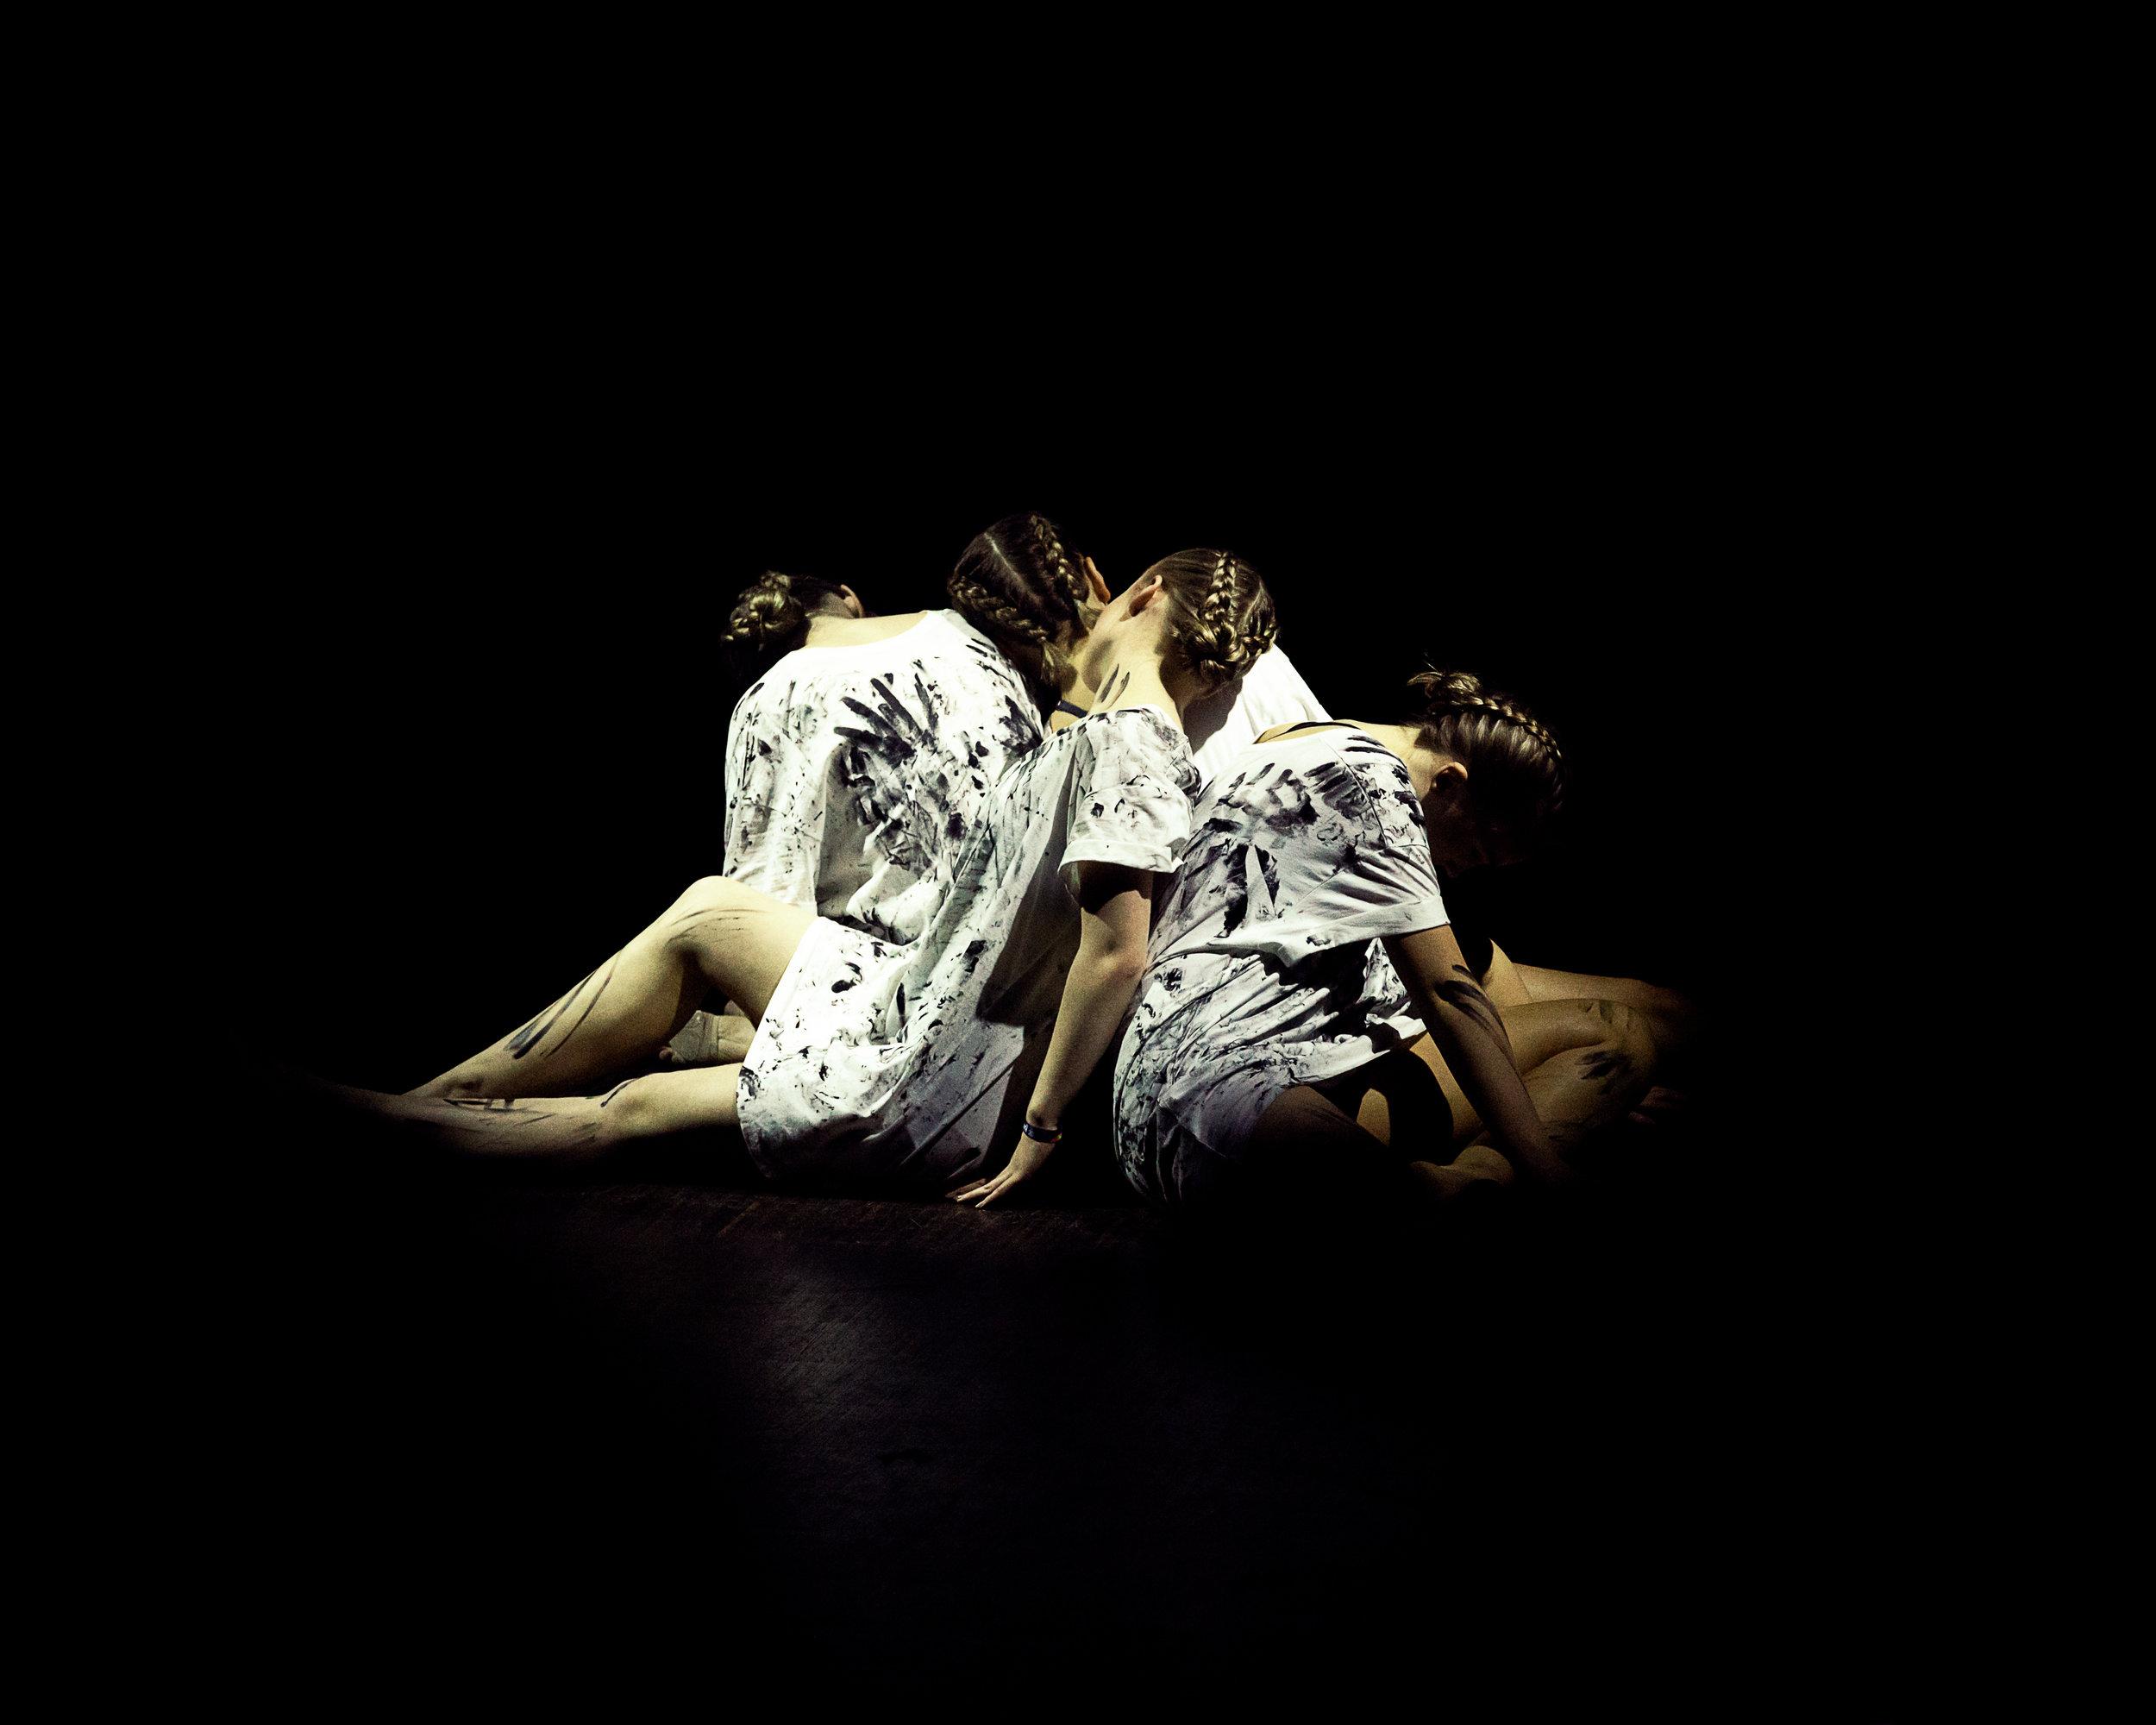 Dansere som sitter på scenegulvet. hvite skjorter med et lys over dem. mørkt men lyst i midten. portrett av dansere. event og scene på en festival fotografi.